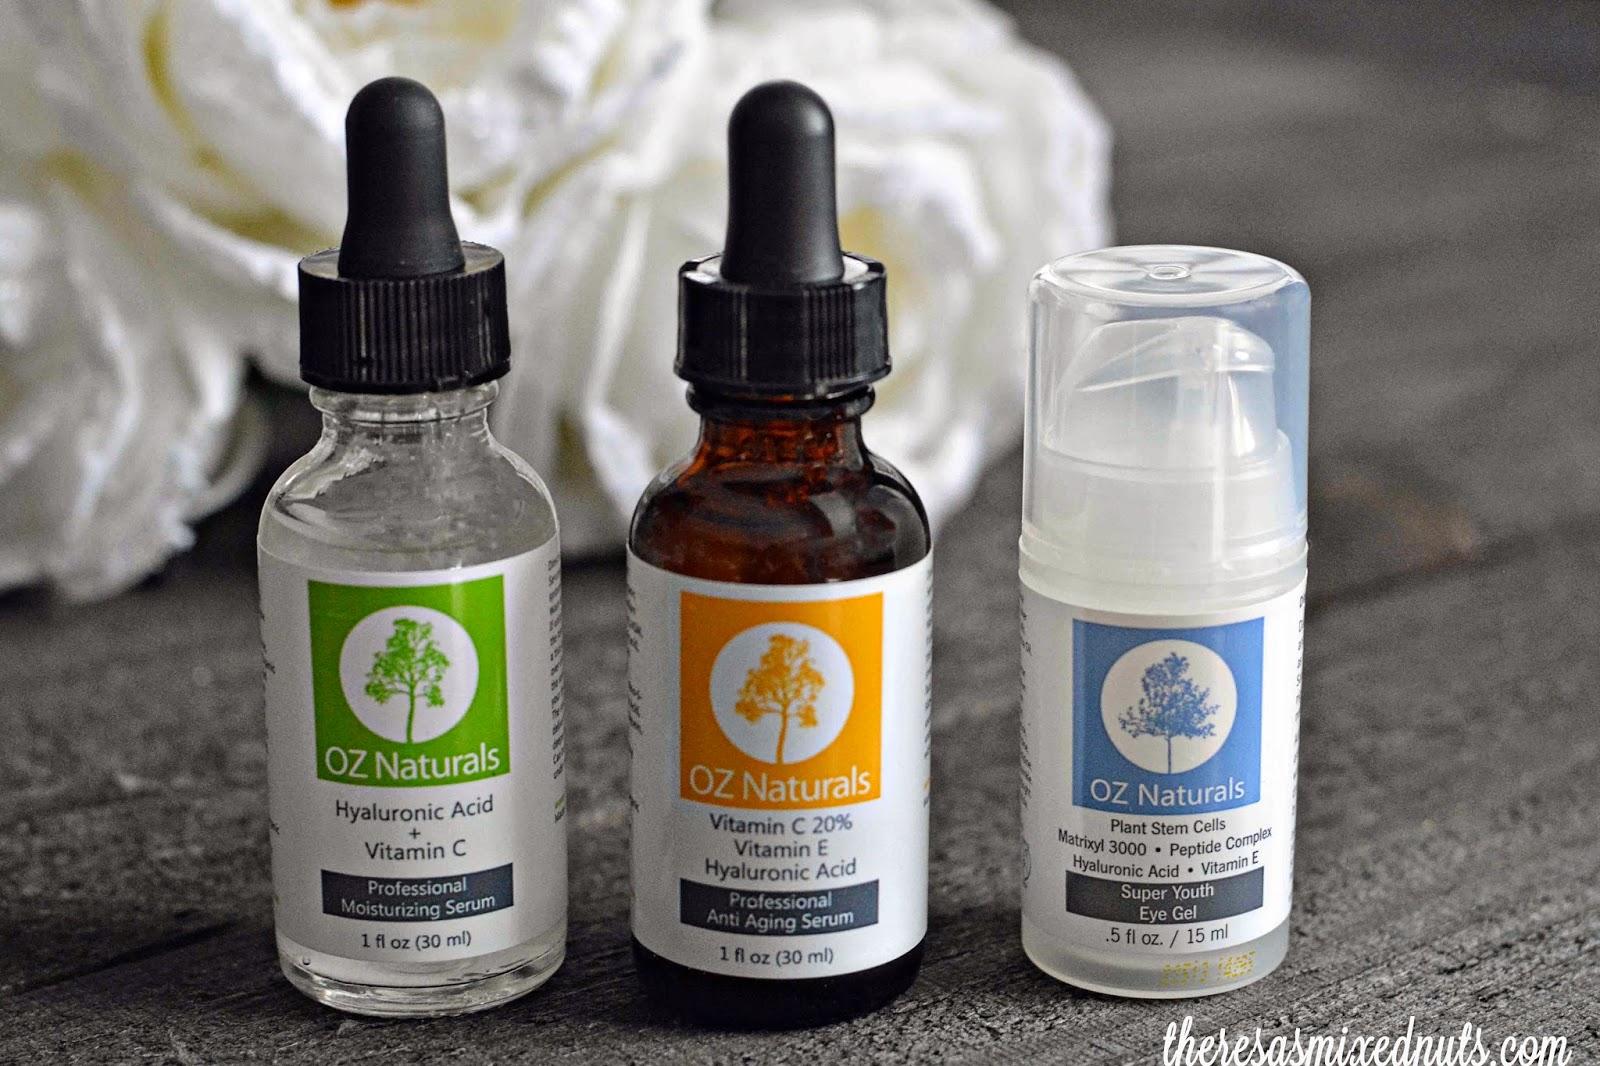 OZ Naturals Skin Care